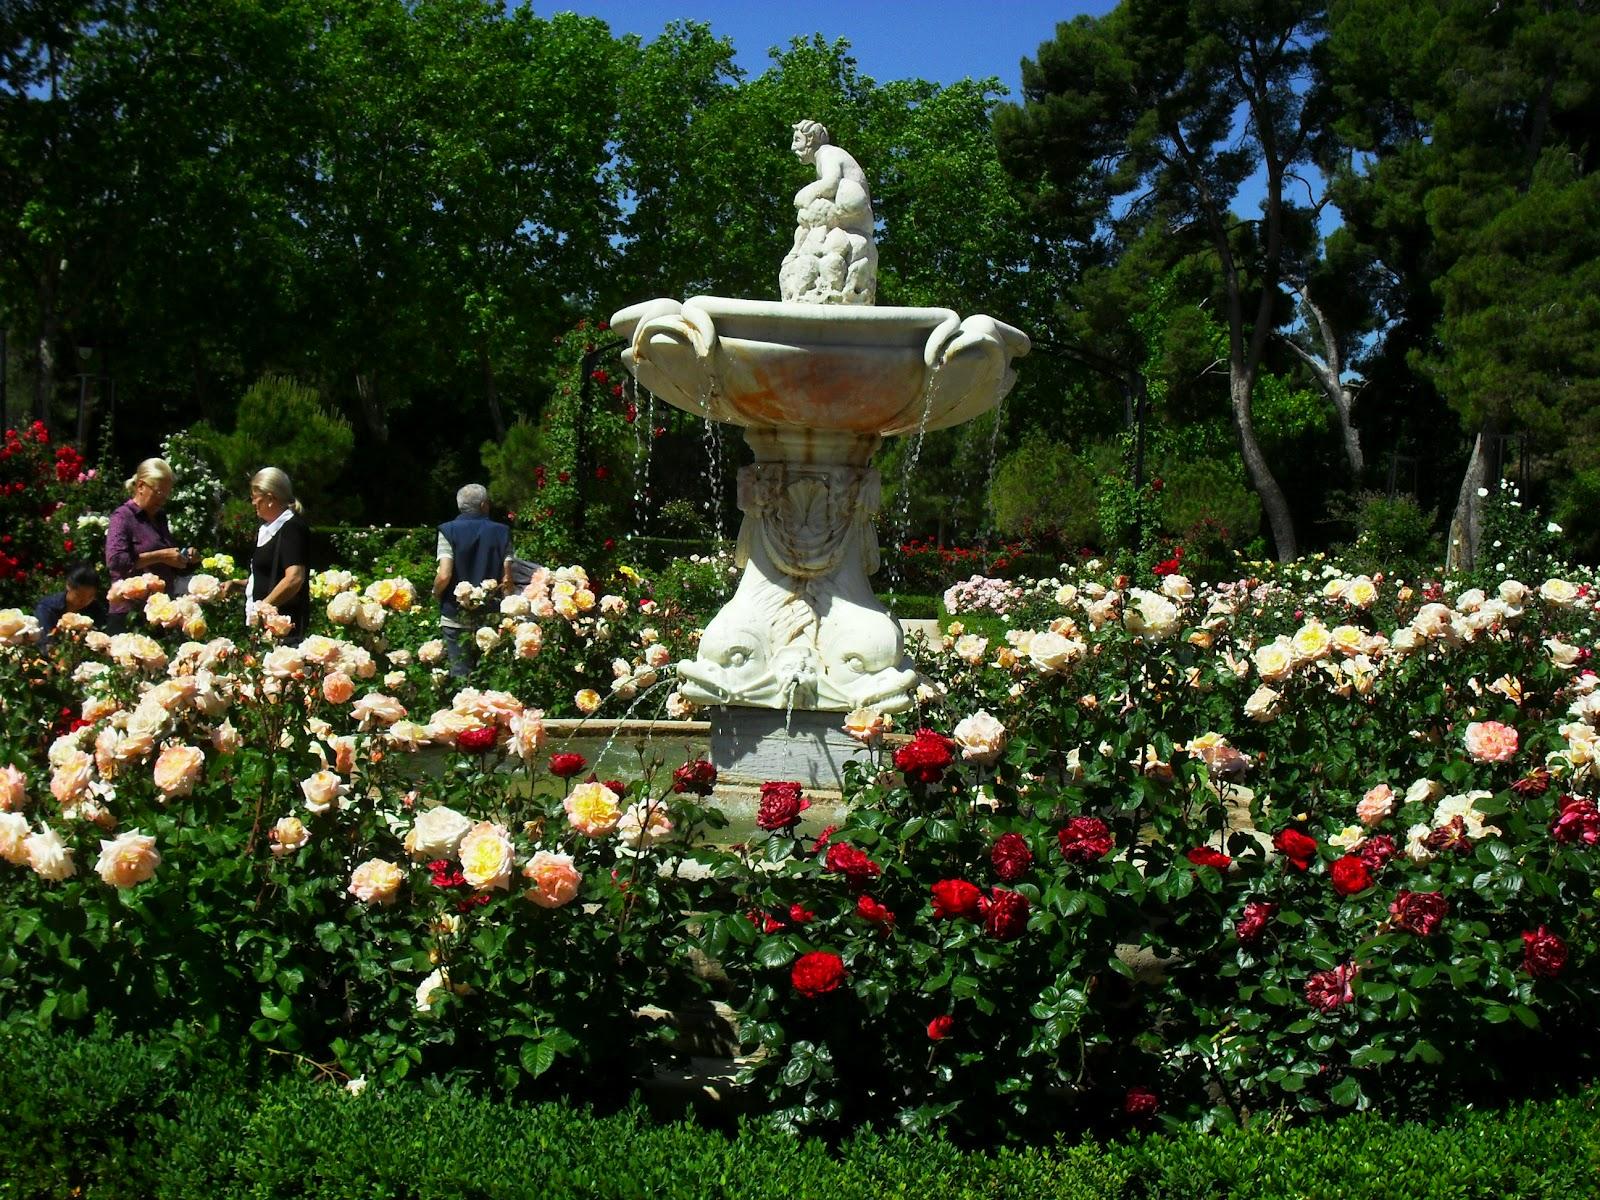 Arte y jardiner a el jard n de rosas for Cancion jardin de rosas